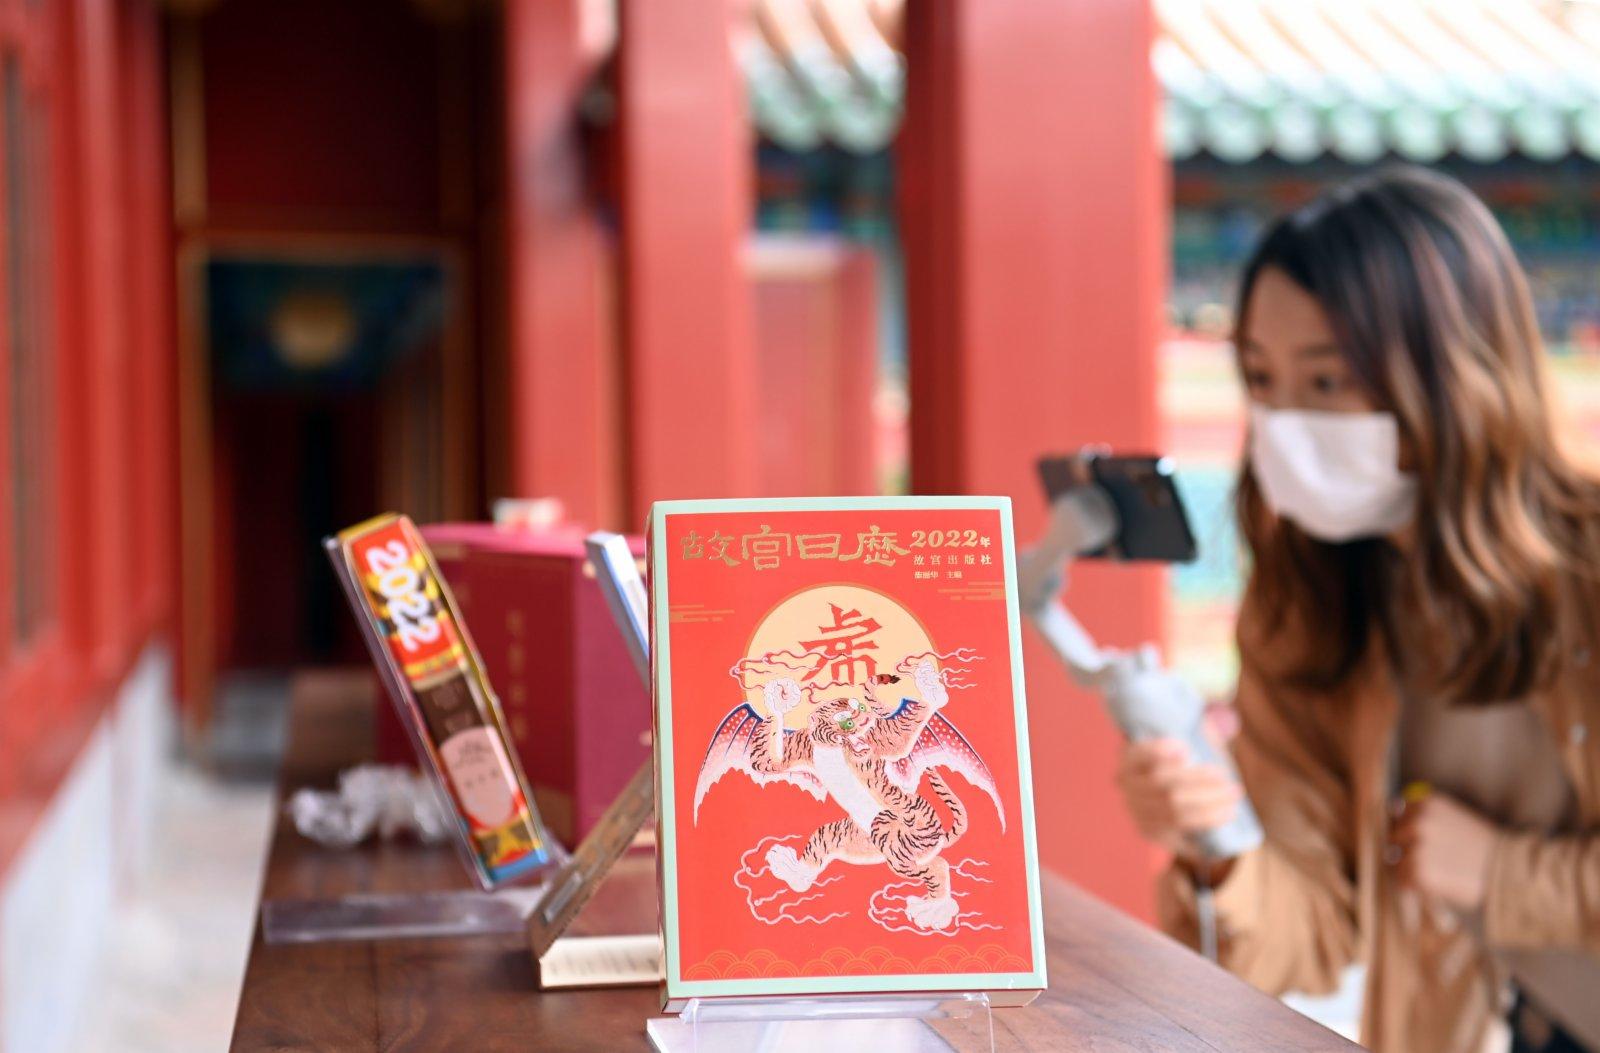 9月6日,記者拍攝2022年《故宮日曆》。